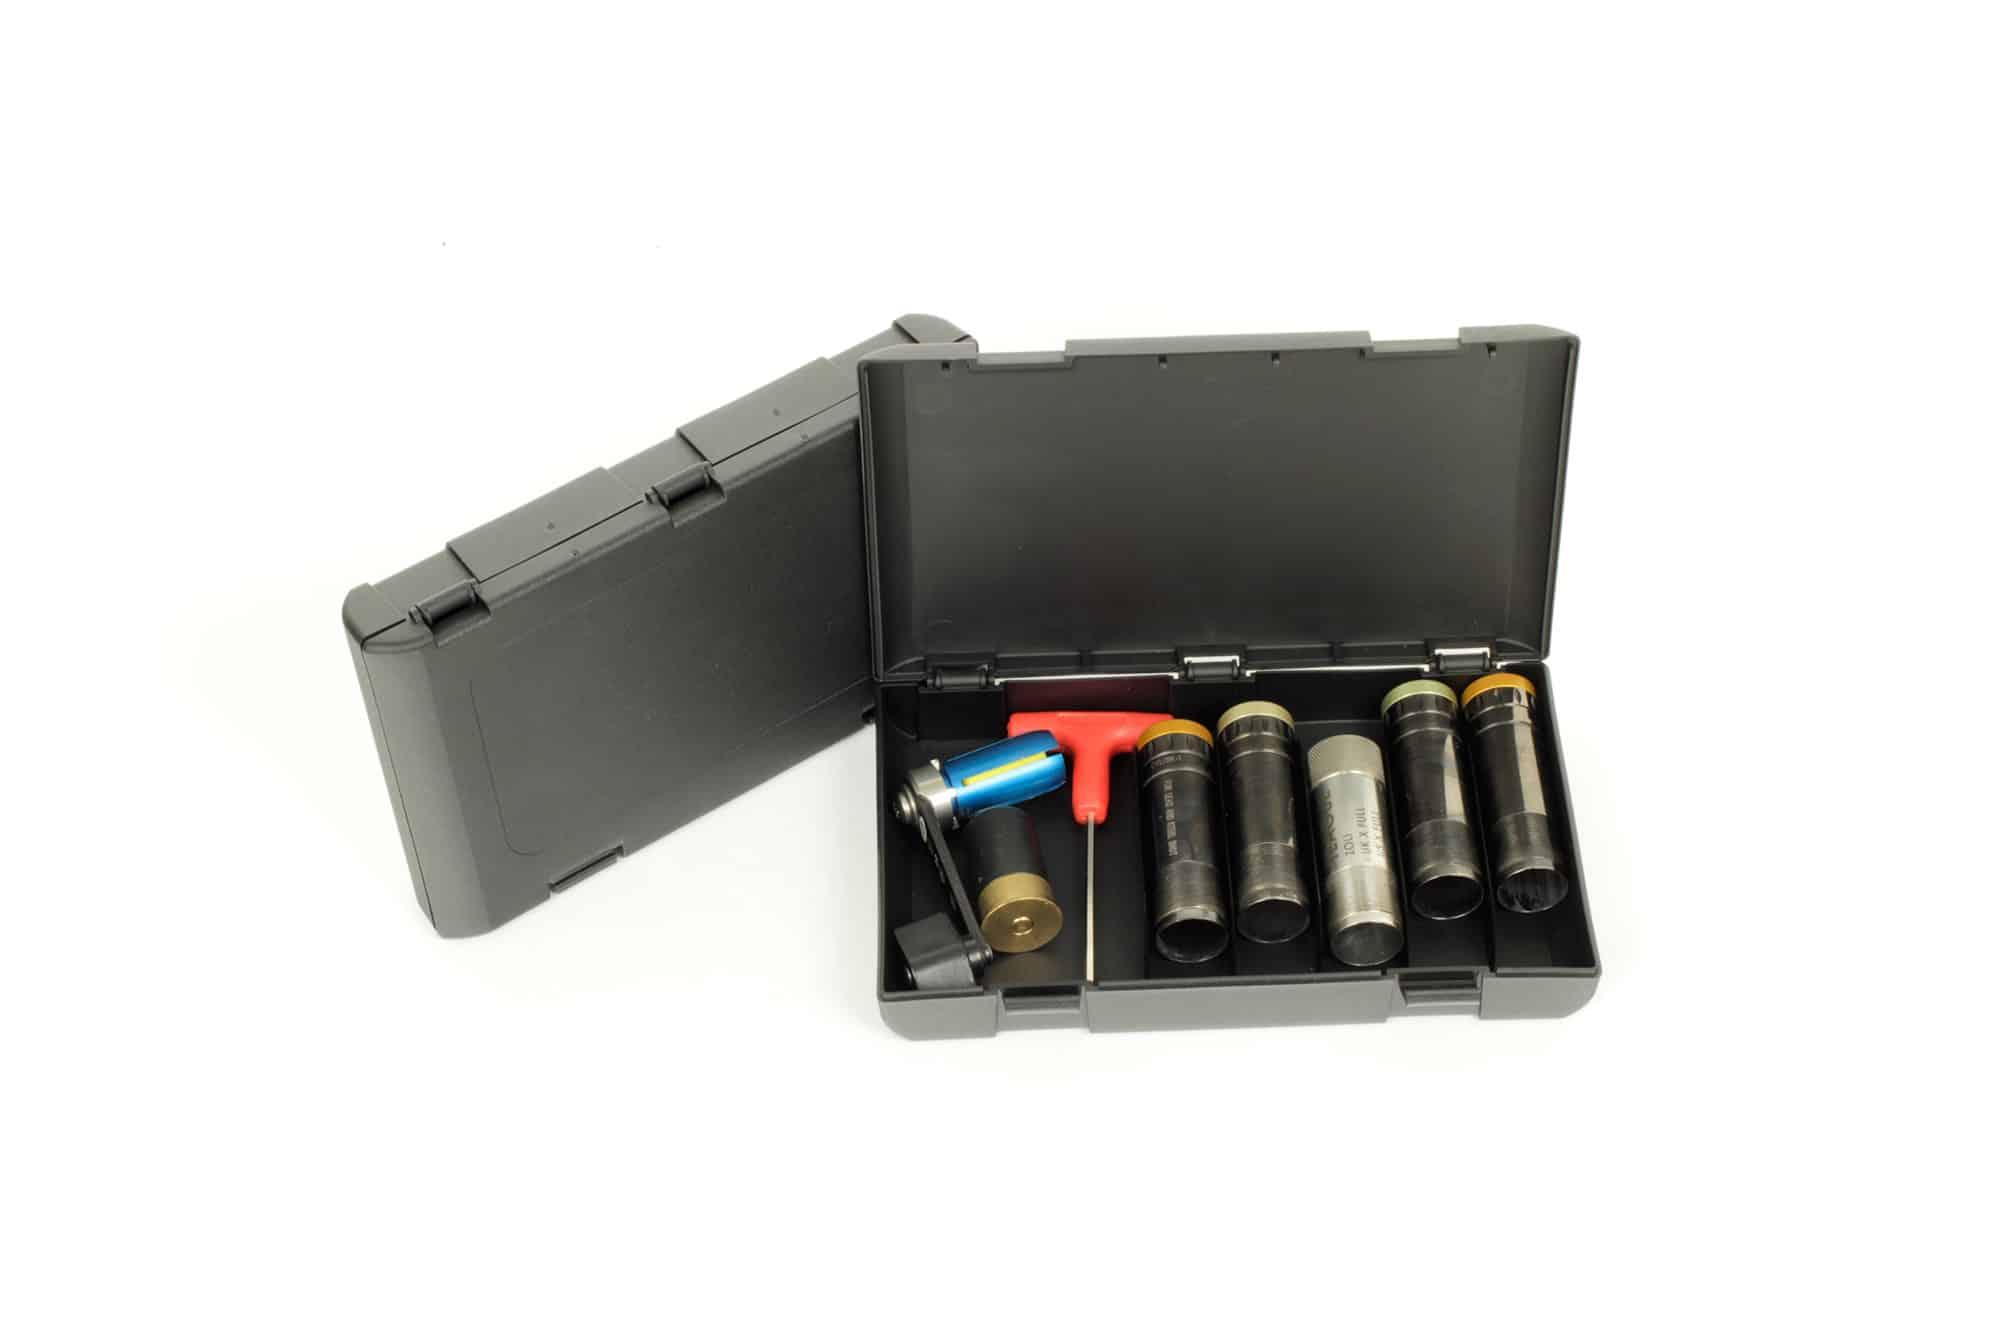 Negrini Deluxe 5x Extended Shotgun Choke Tube Case + Wrench - 5033-5